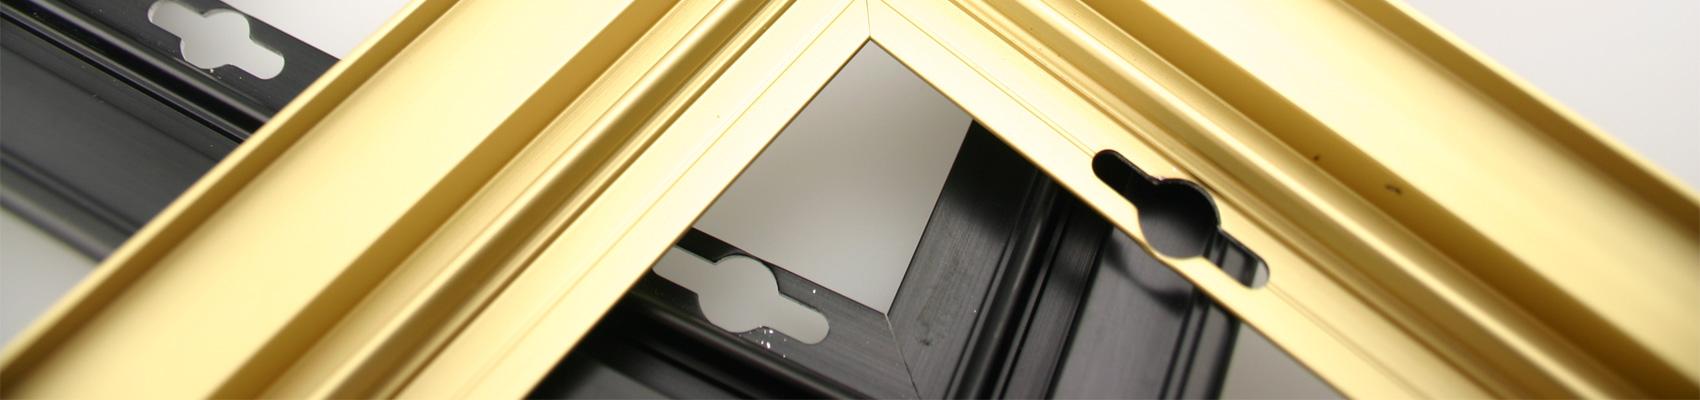 Custom Metal Frames & Holders